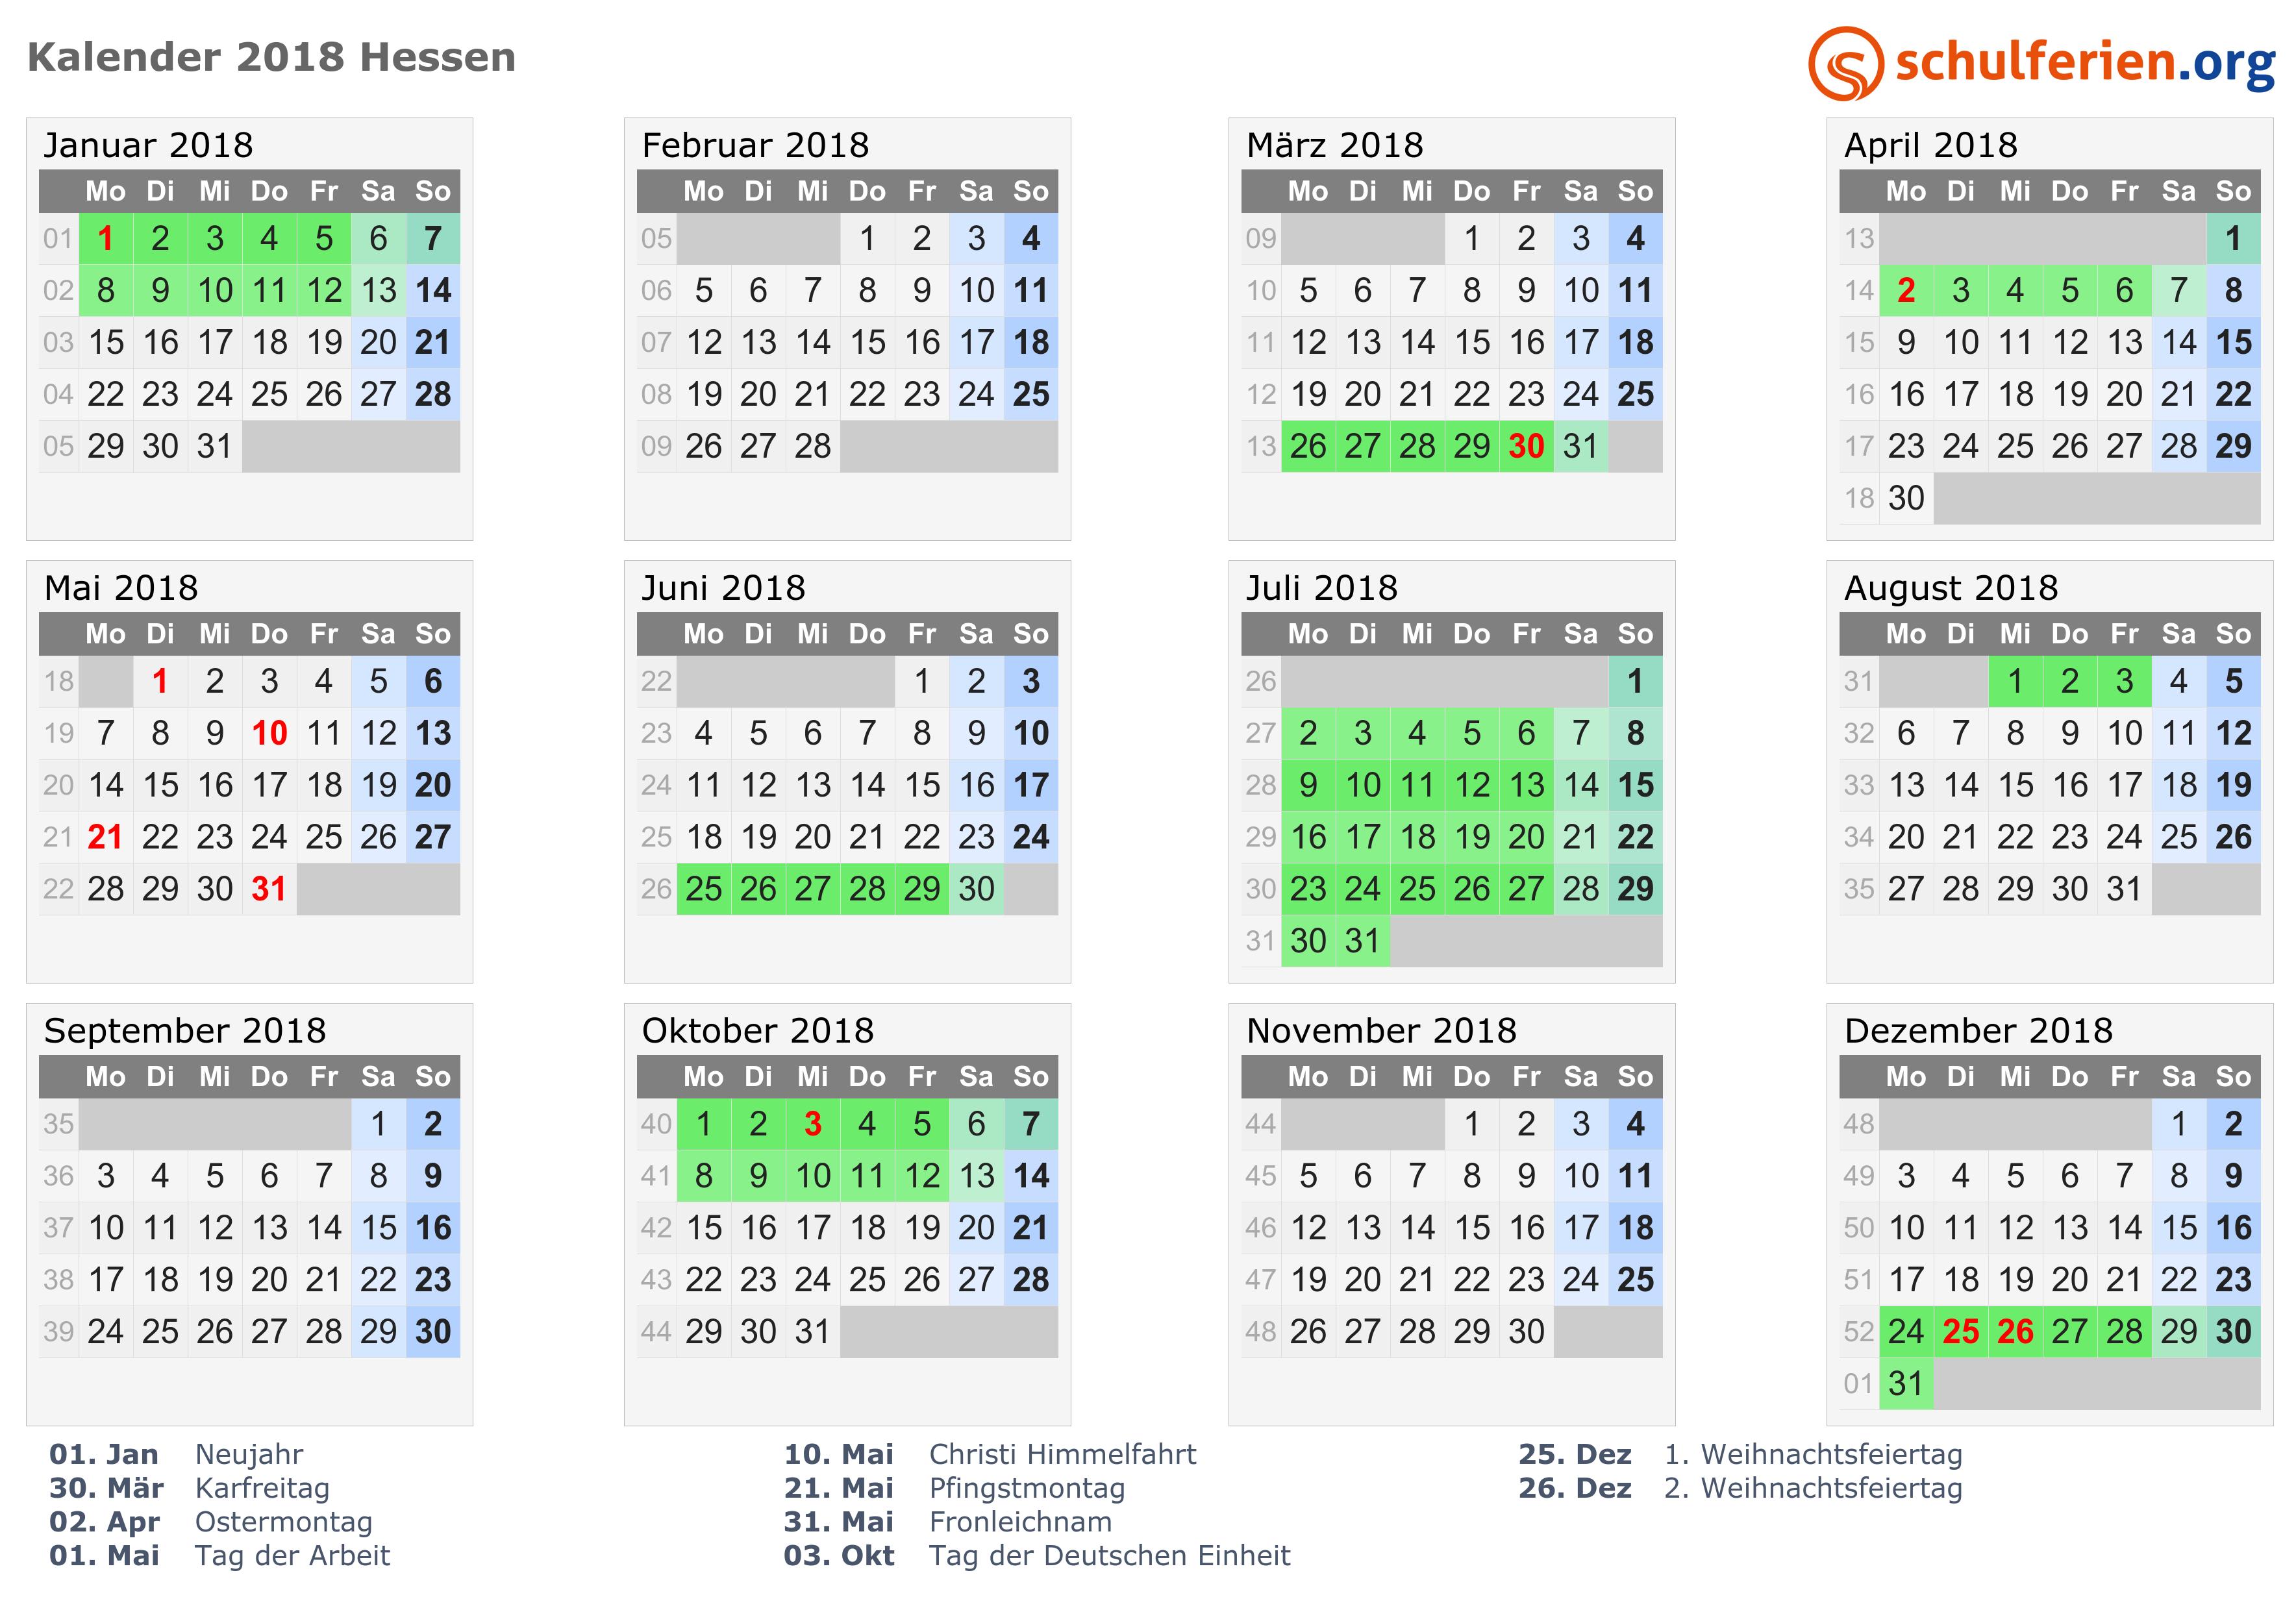 https://www.schulferien.org/media/images/kalender/kalender-2018-hessen-quer.png